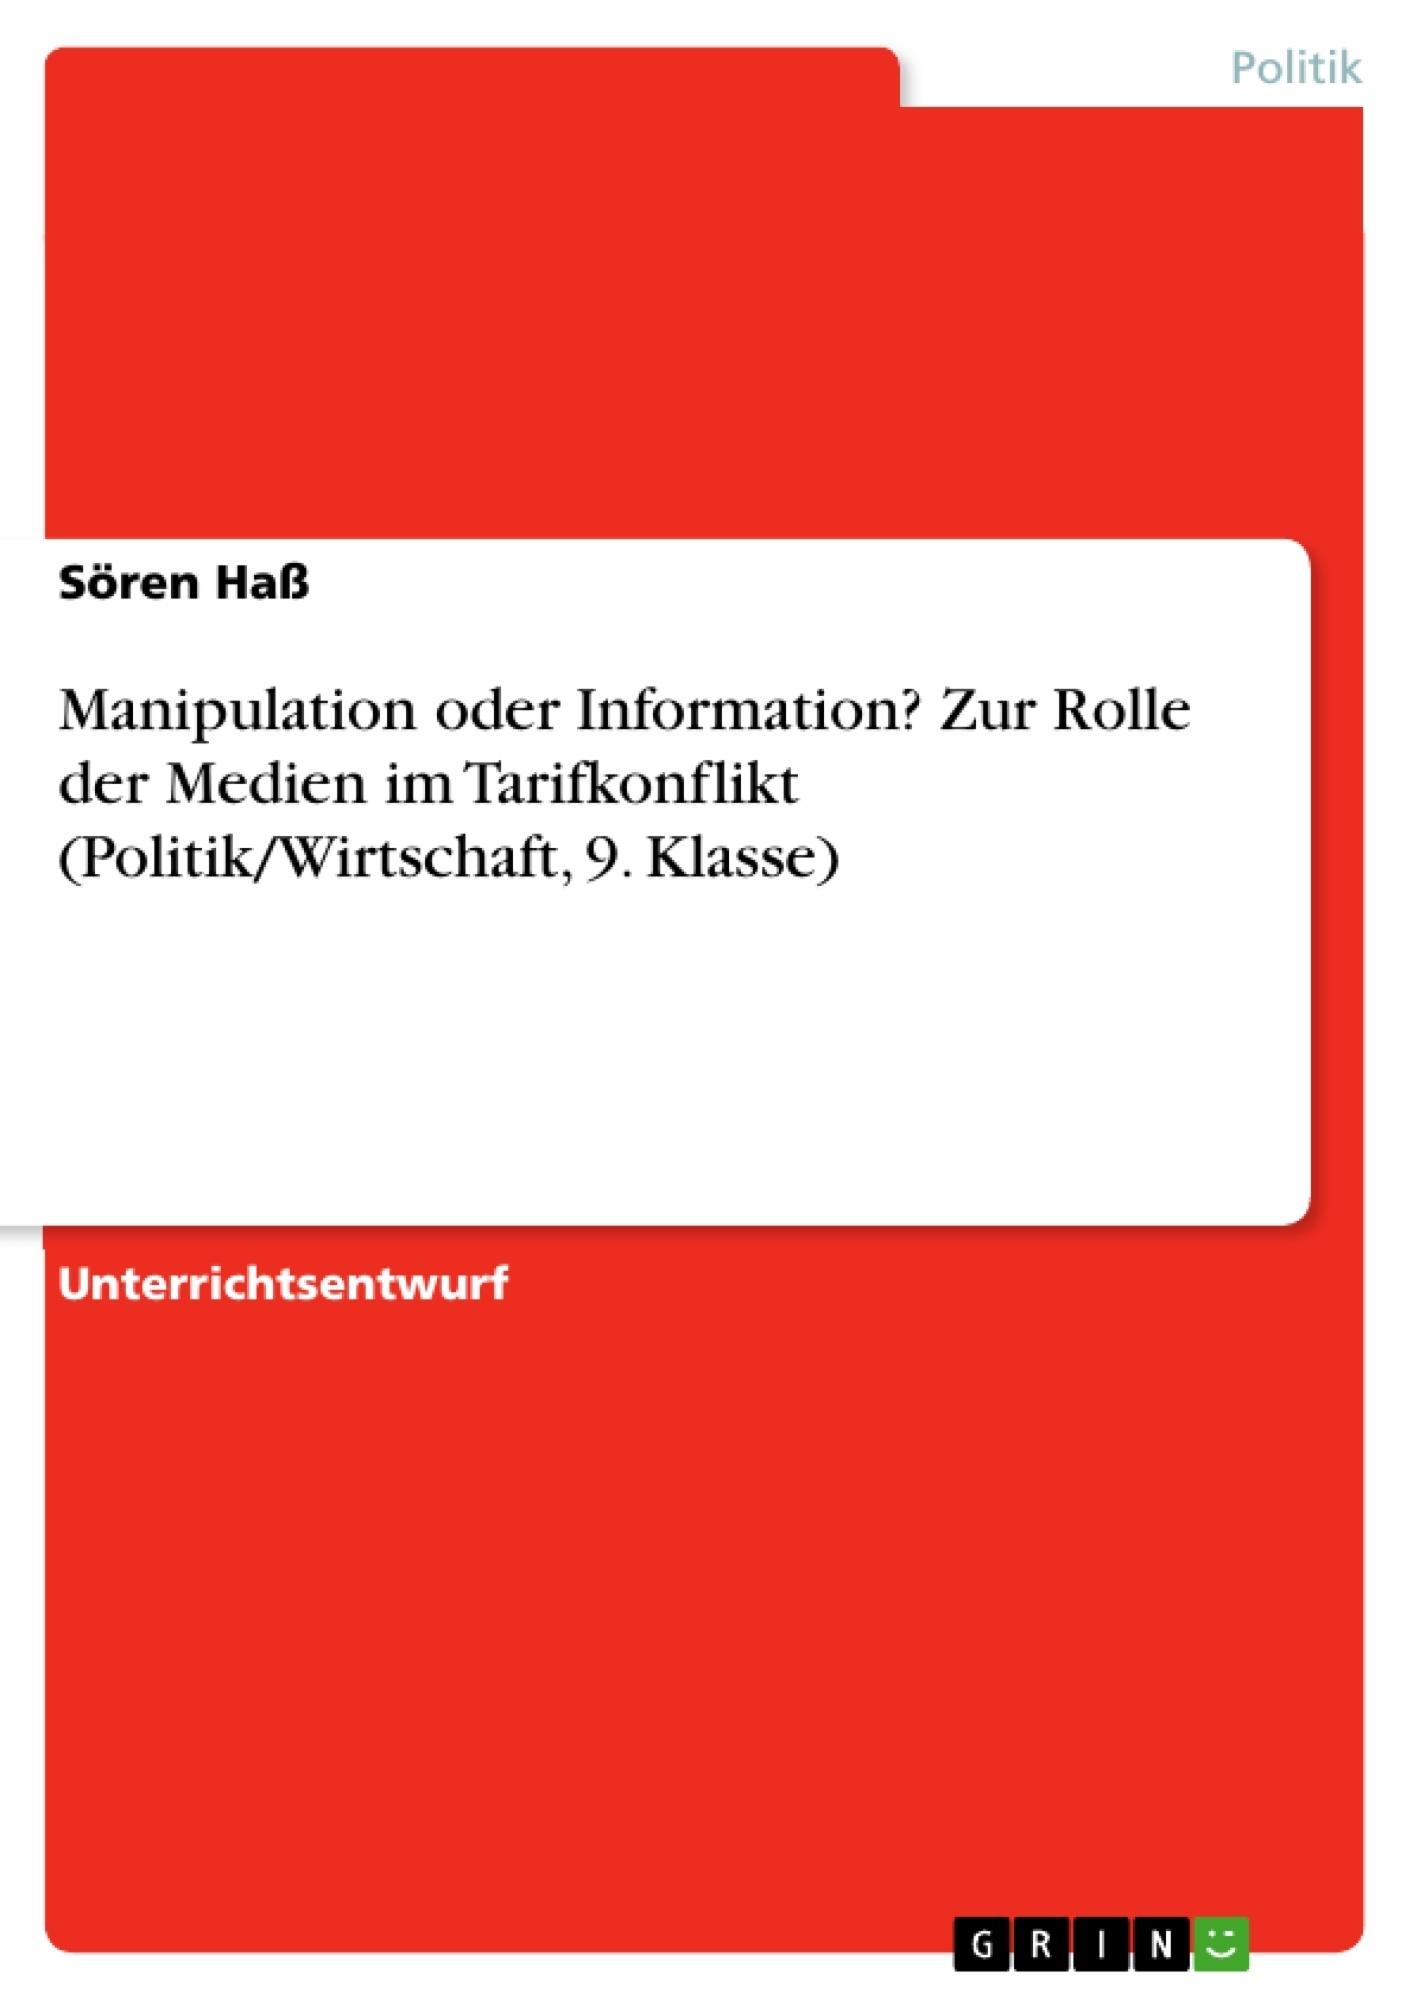 Titel: Manipulation oder Information? Zur Rolle der Medien im Tarifkonflikt (Politik/Wirtschaft, 9. Klasse)